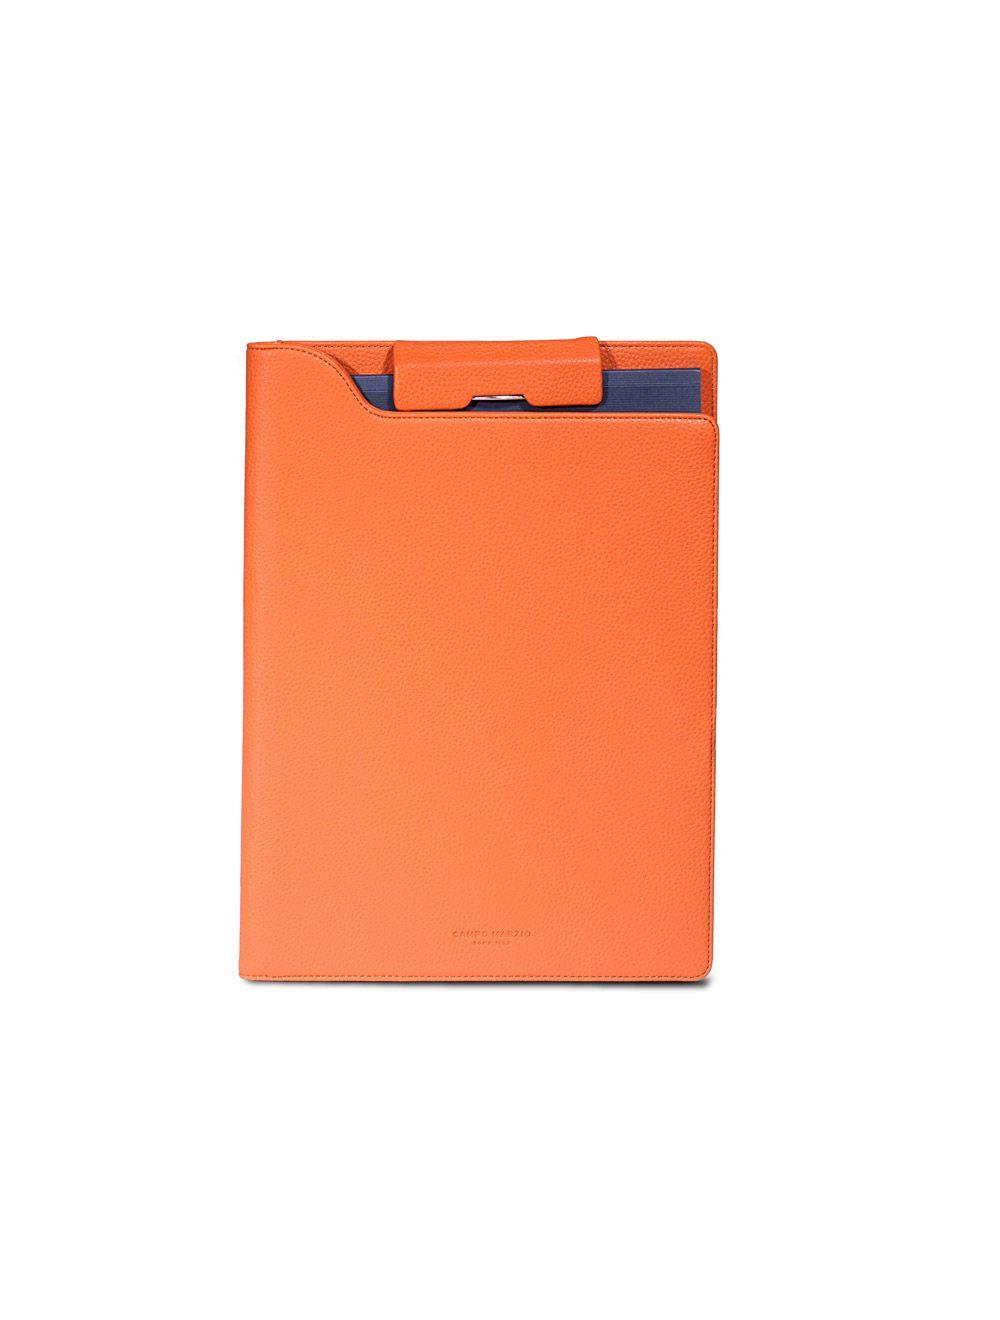 Portfolio Clip A4 Hudson - Mandarino